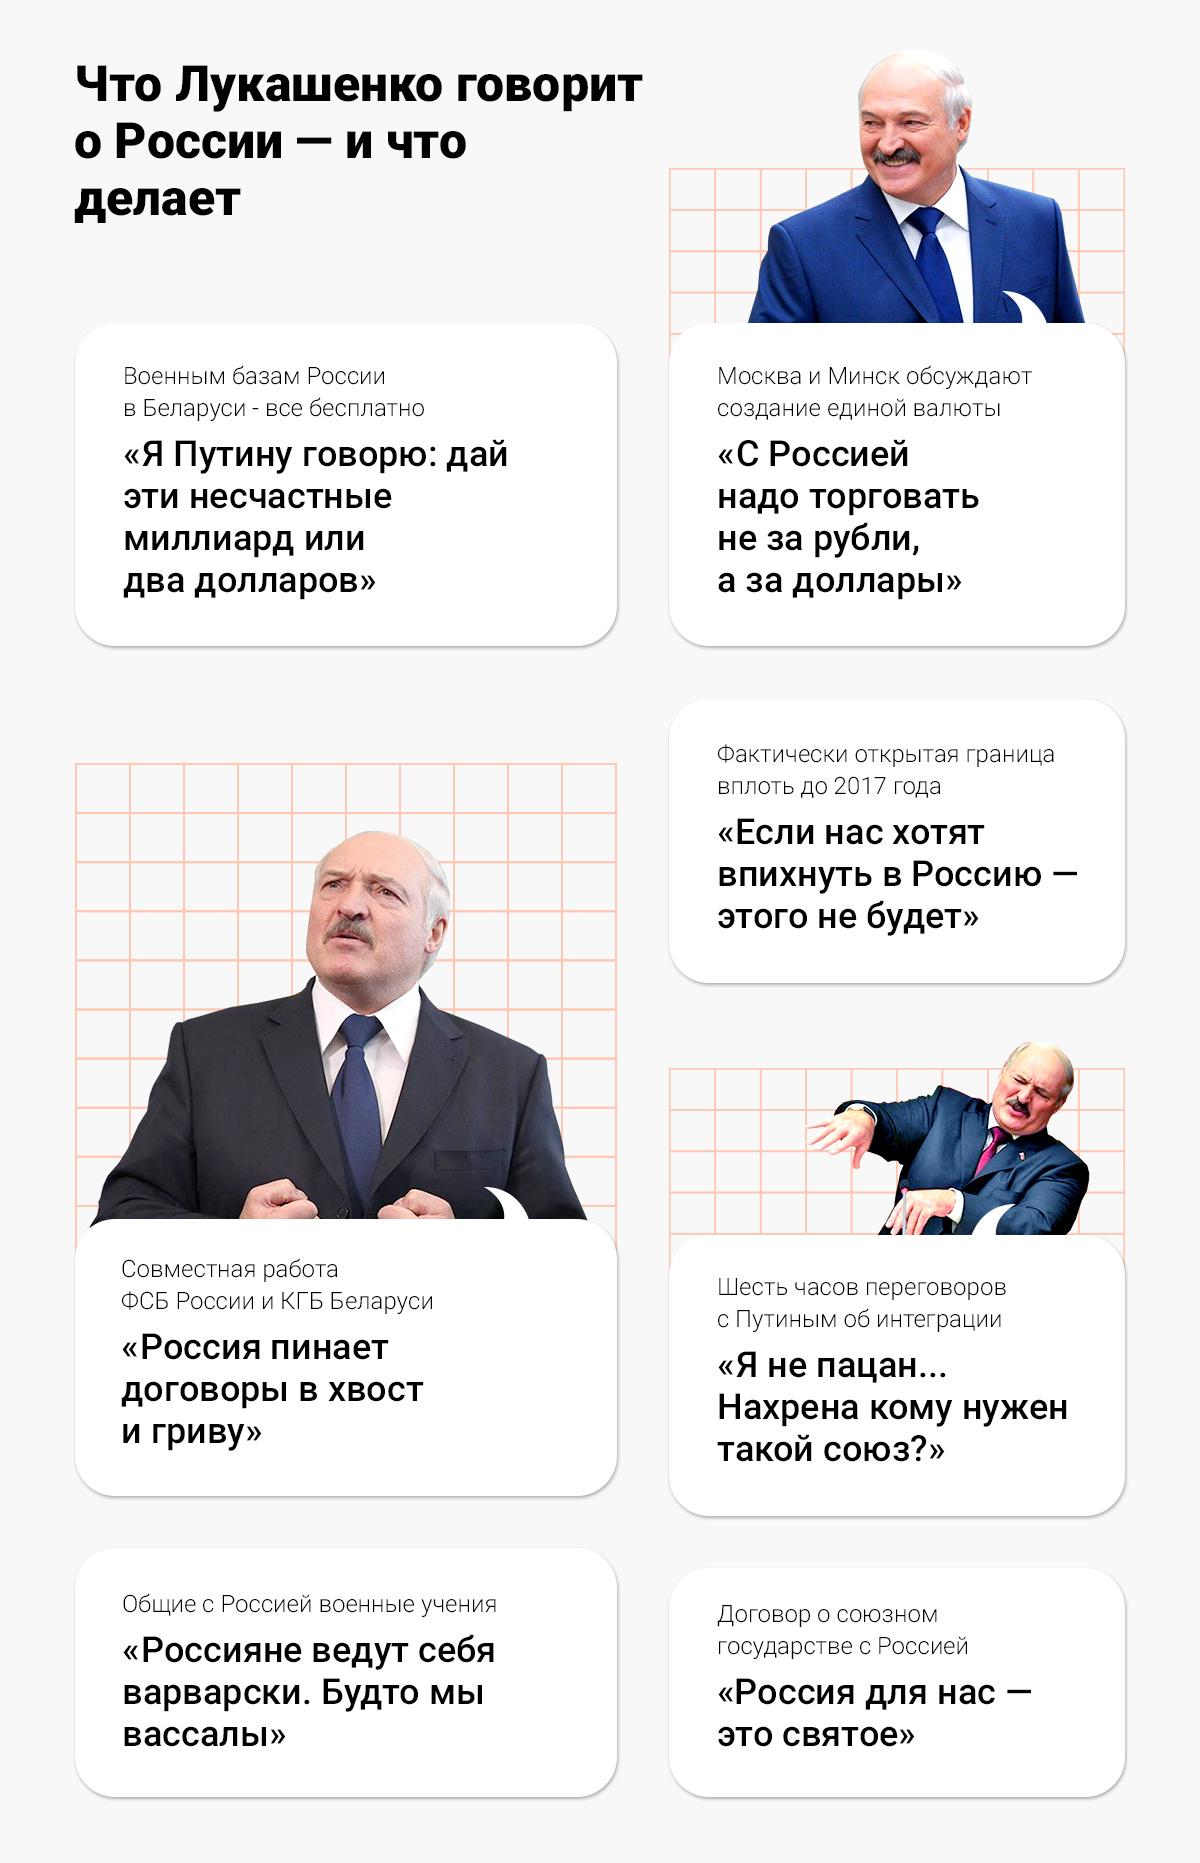 """""""Можем получить внезапную сдачу Беларуси к Новому году"""". Устоит ли Лукашенко перед Путиным"""